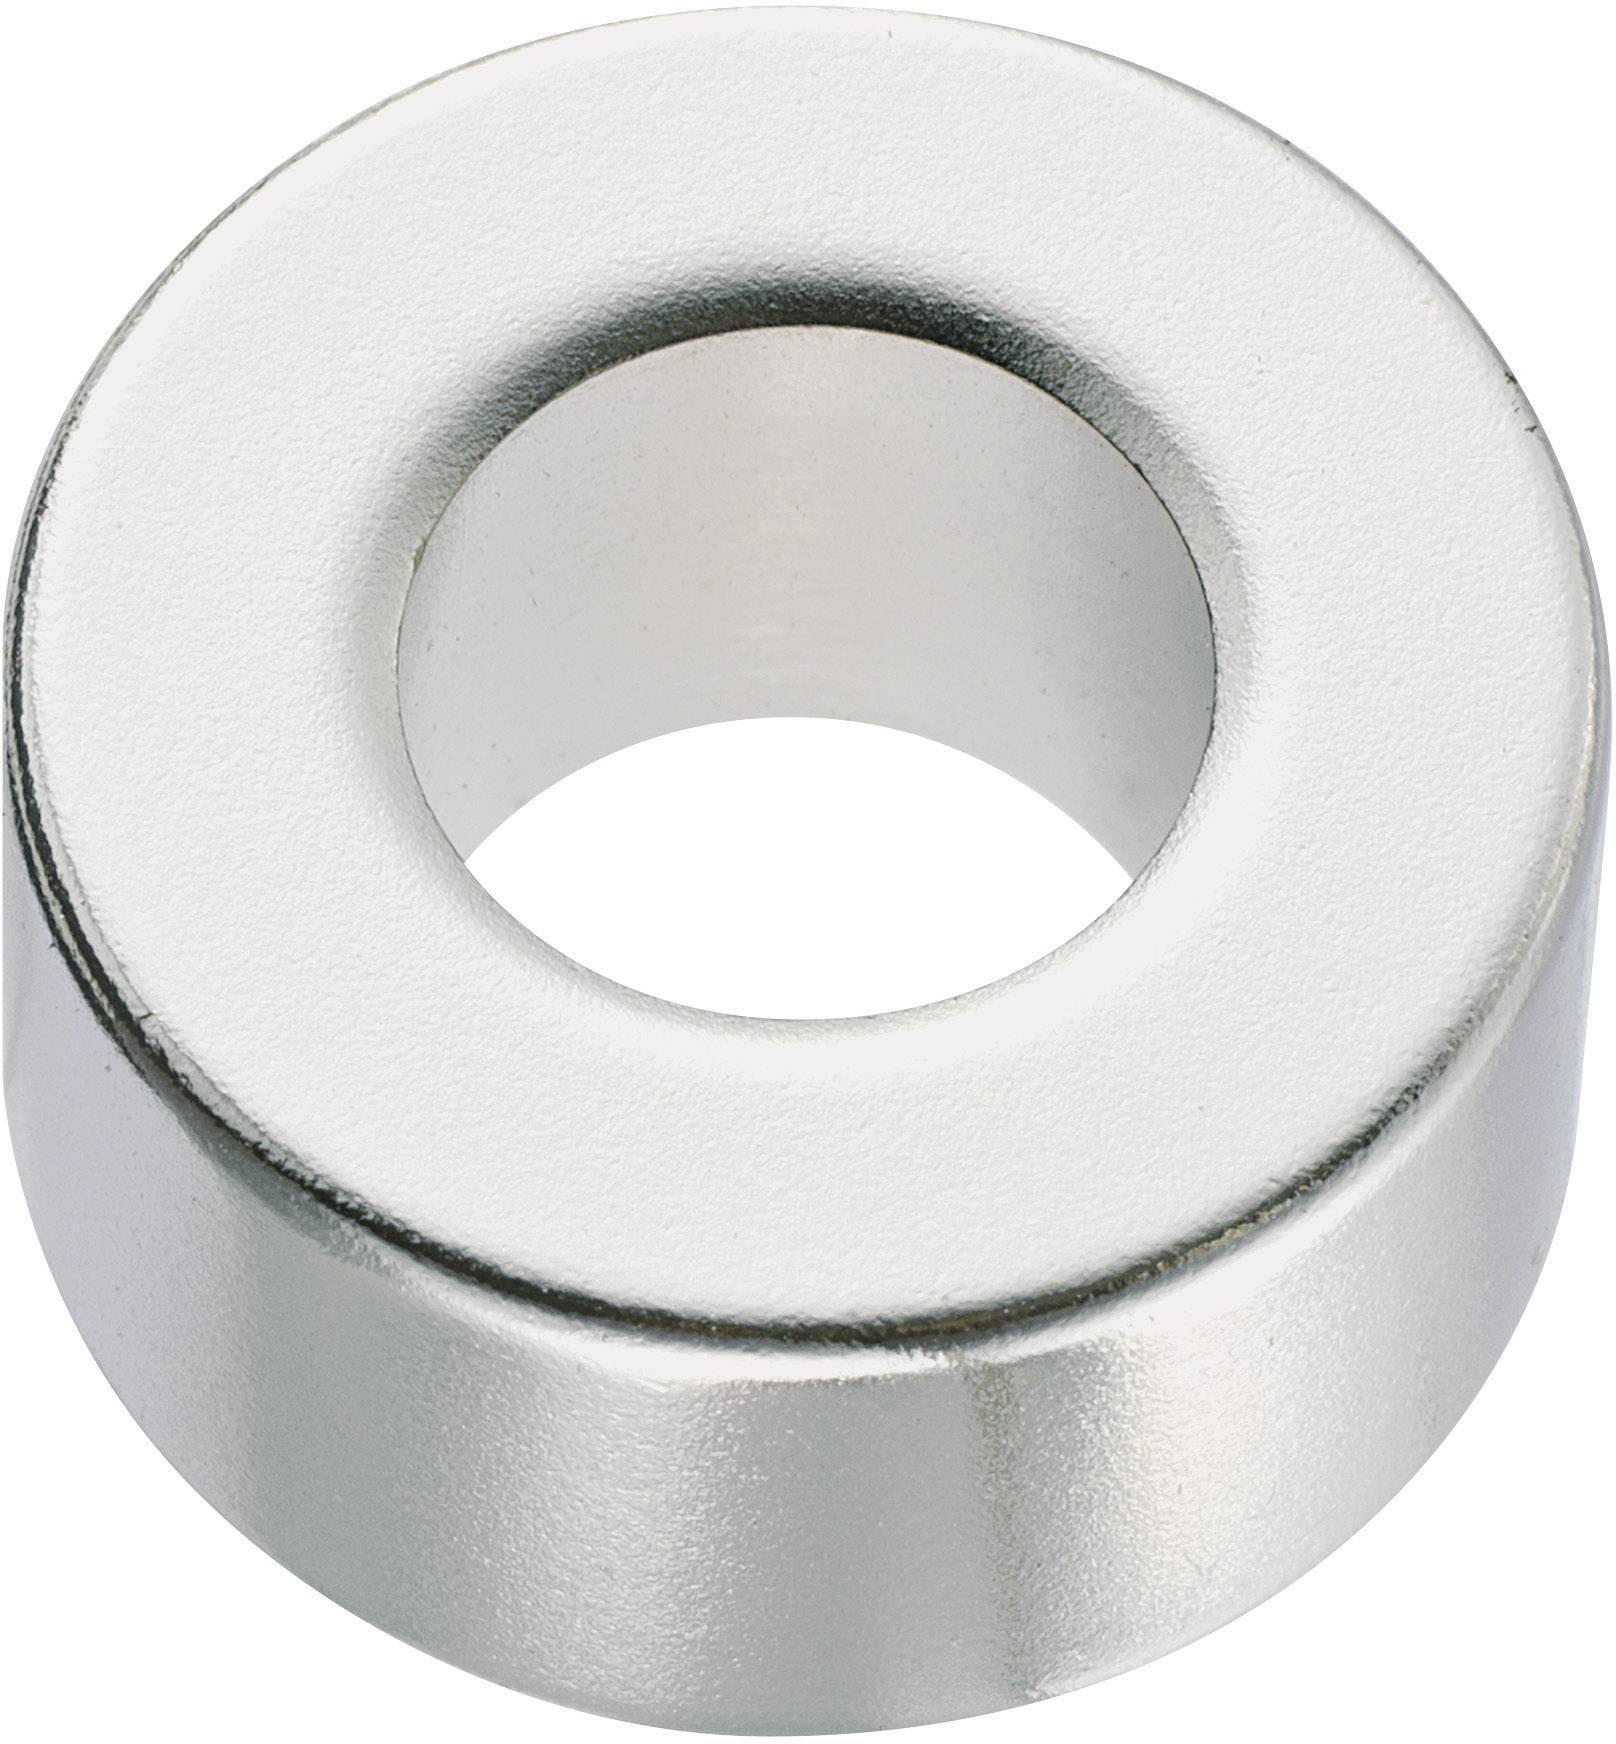 Permanentný magnet, 506018, N35, 10 x 10 mm, krúžkový